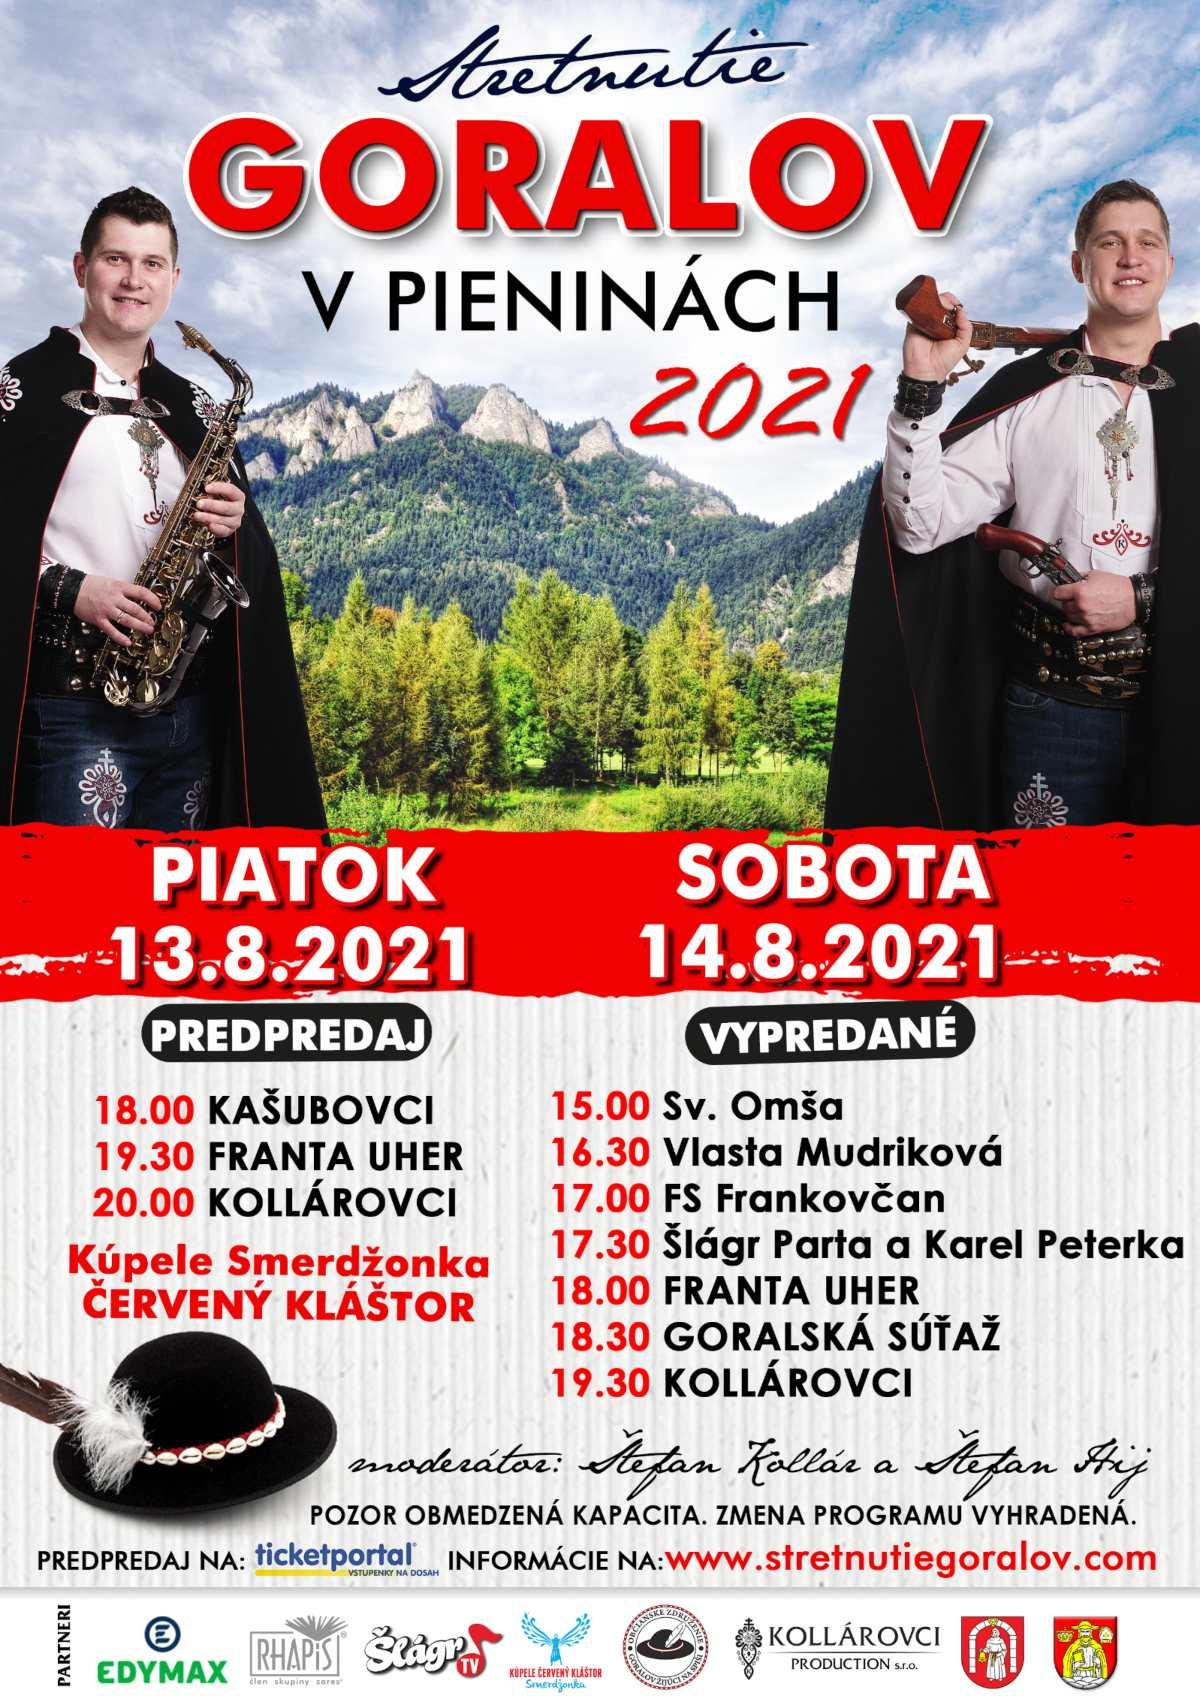 picture STRETNUTIE GORALOV V PIENINÁCH 2021